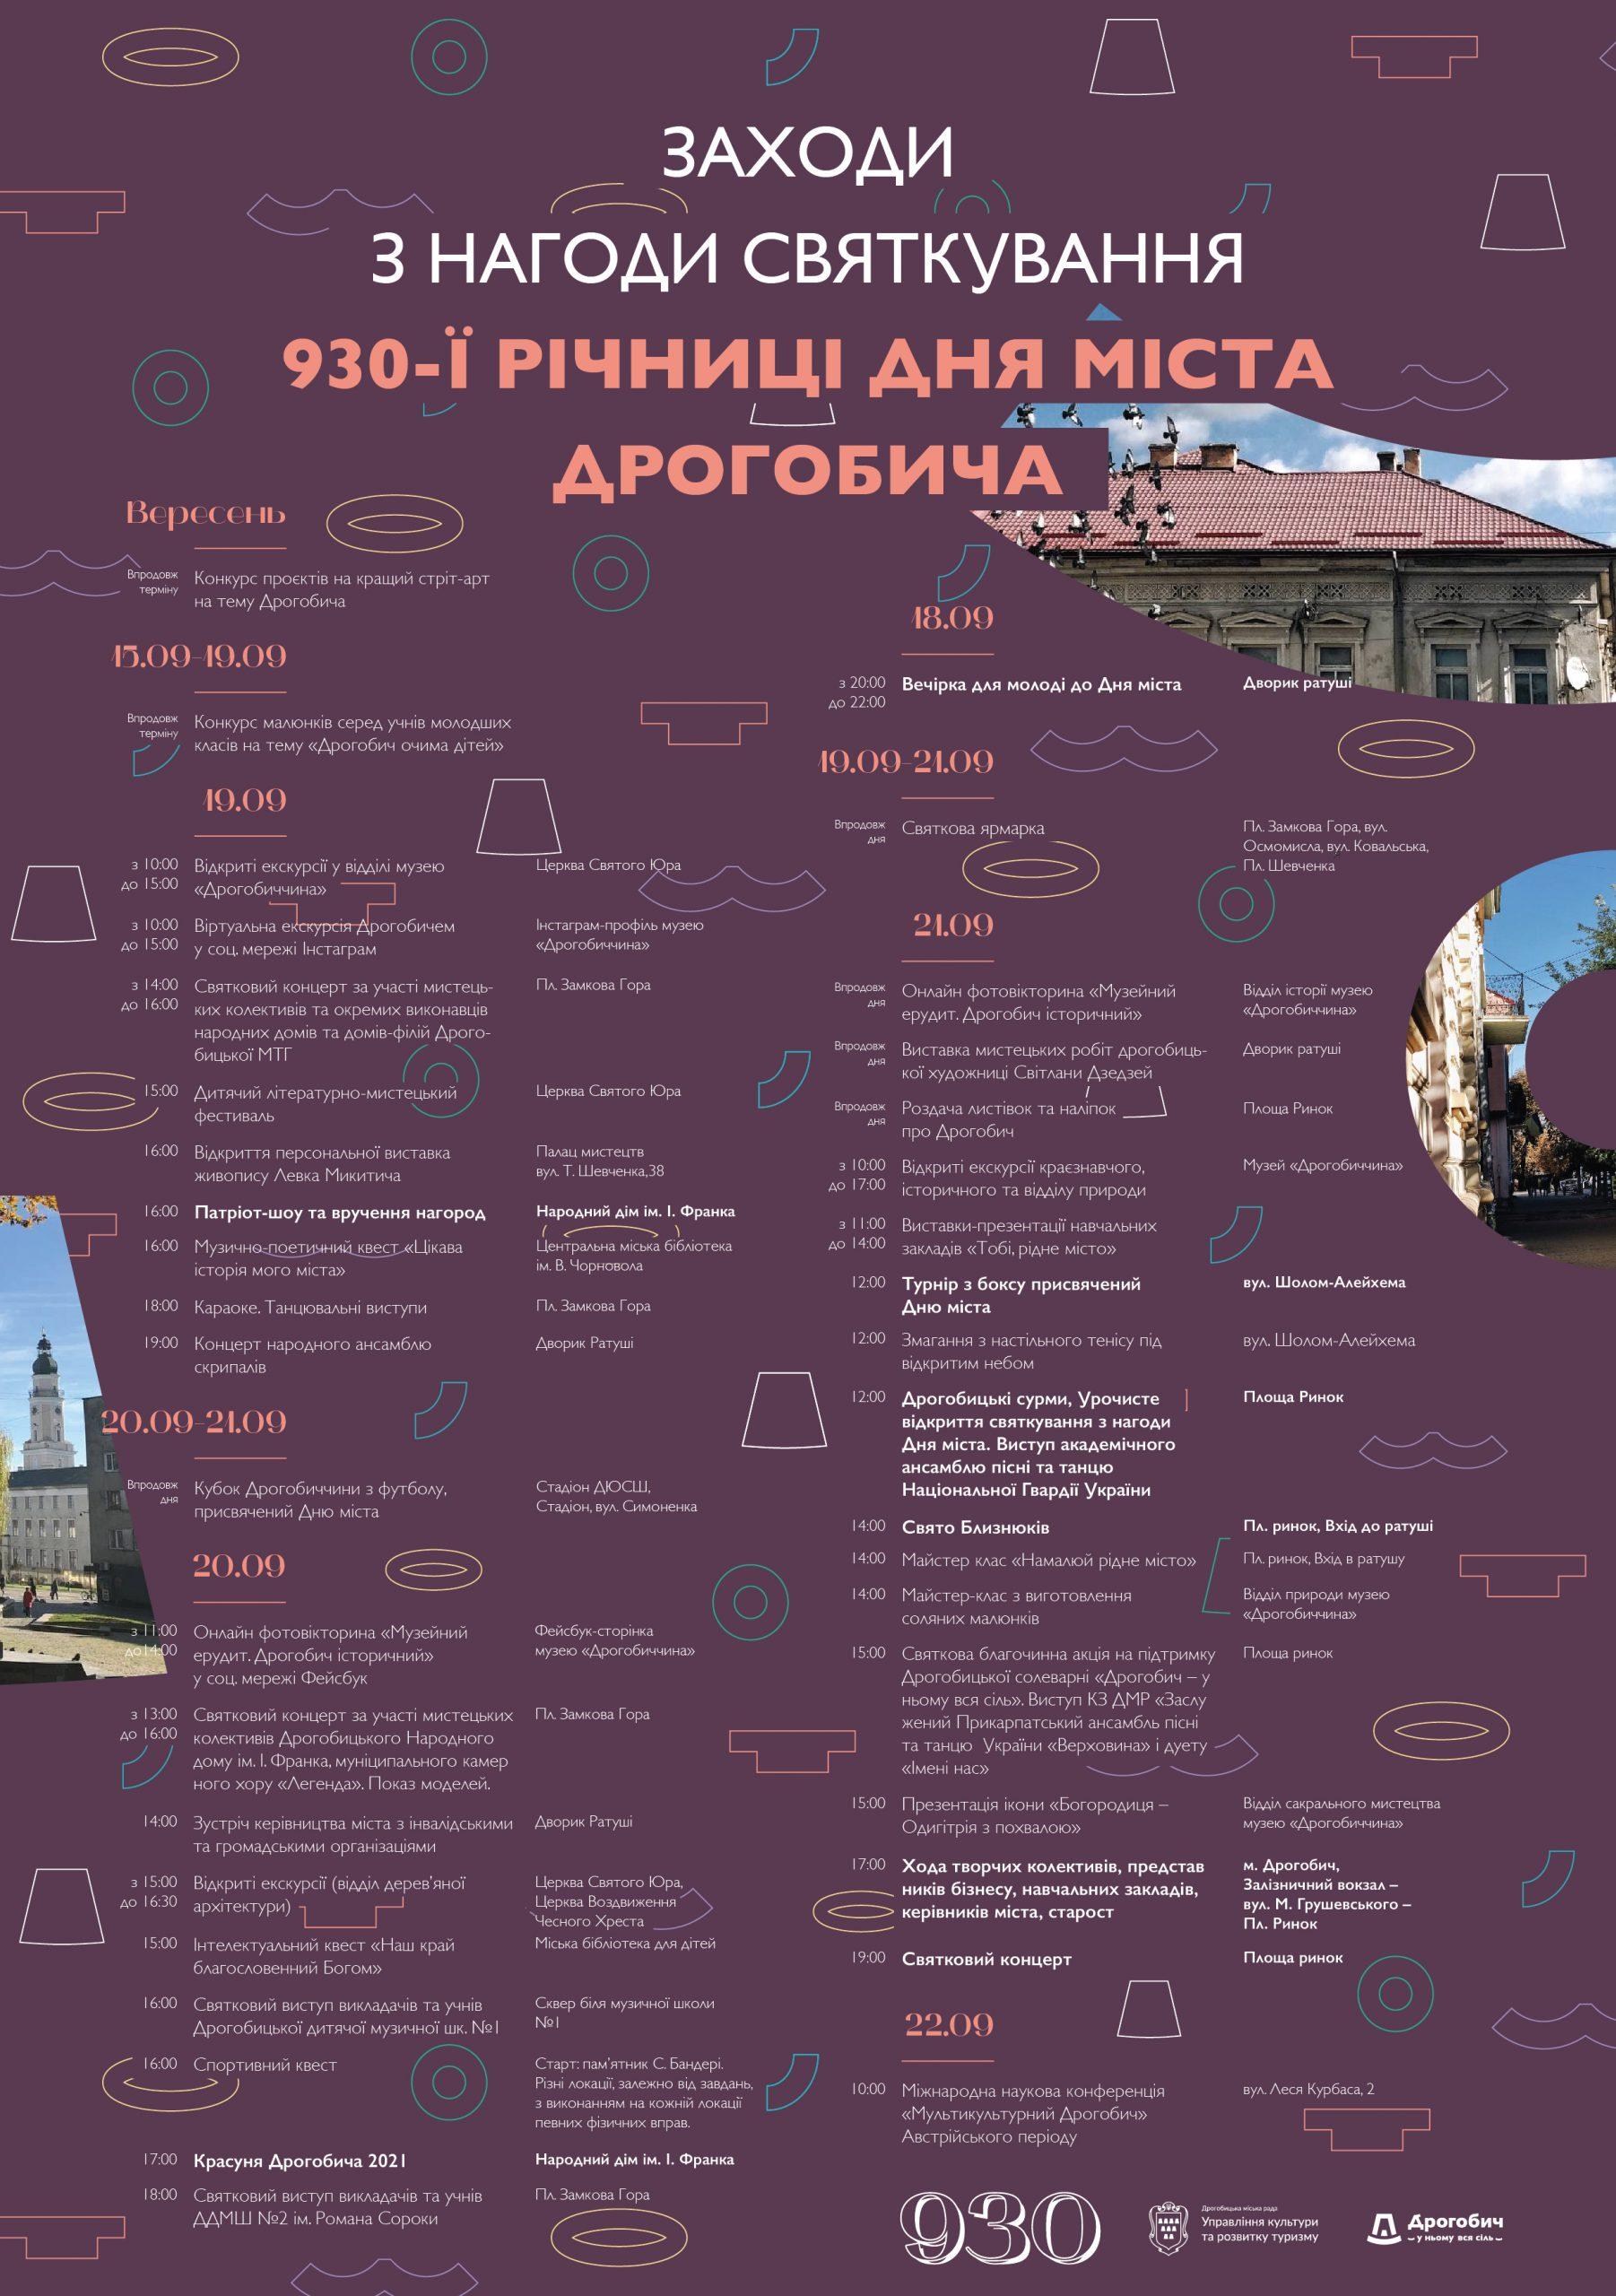 Програма заходів з нагоди святкування 930-ї річниці Дня міста